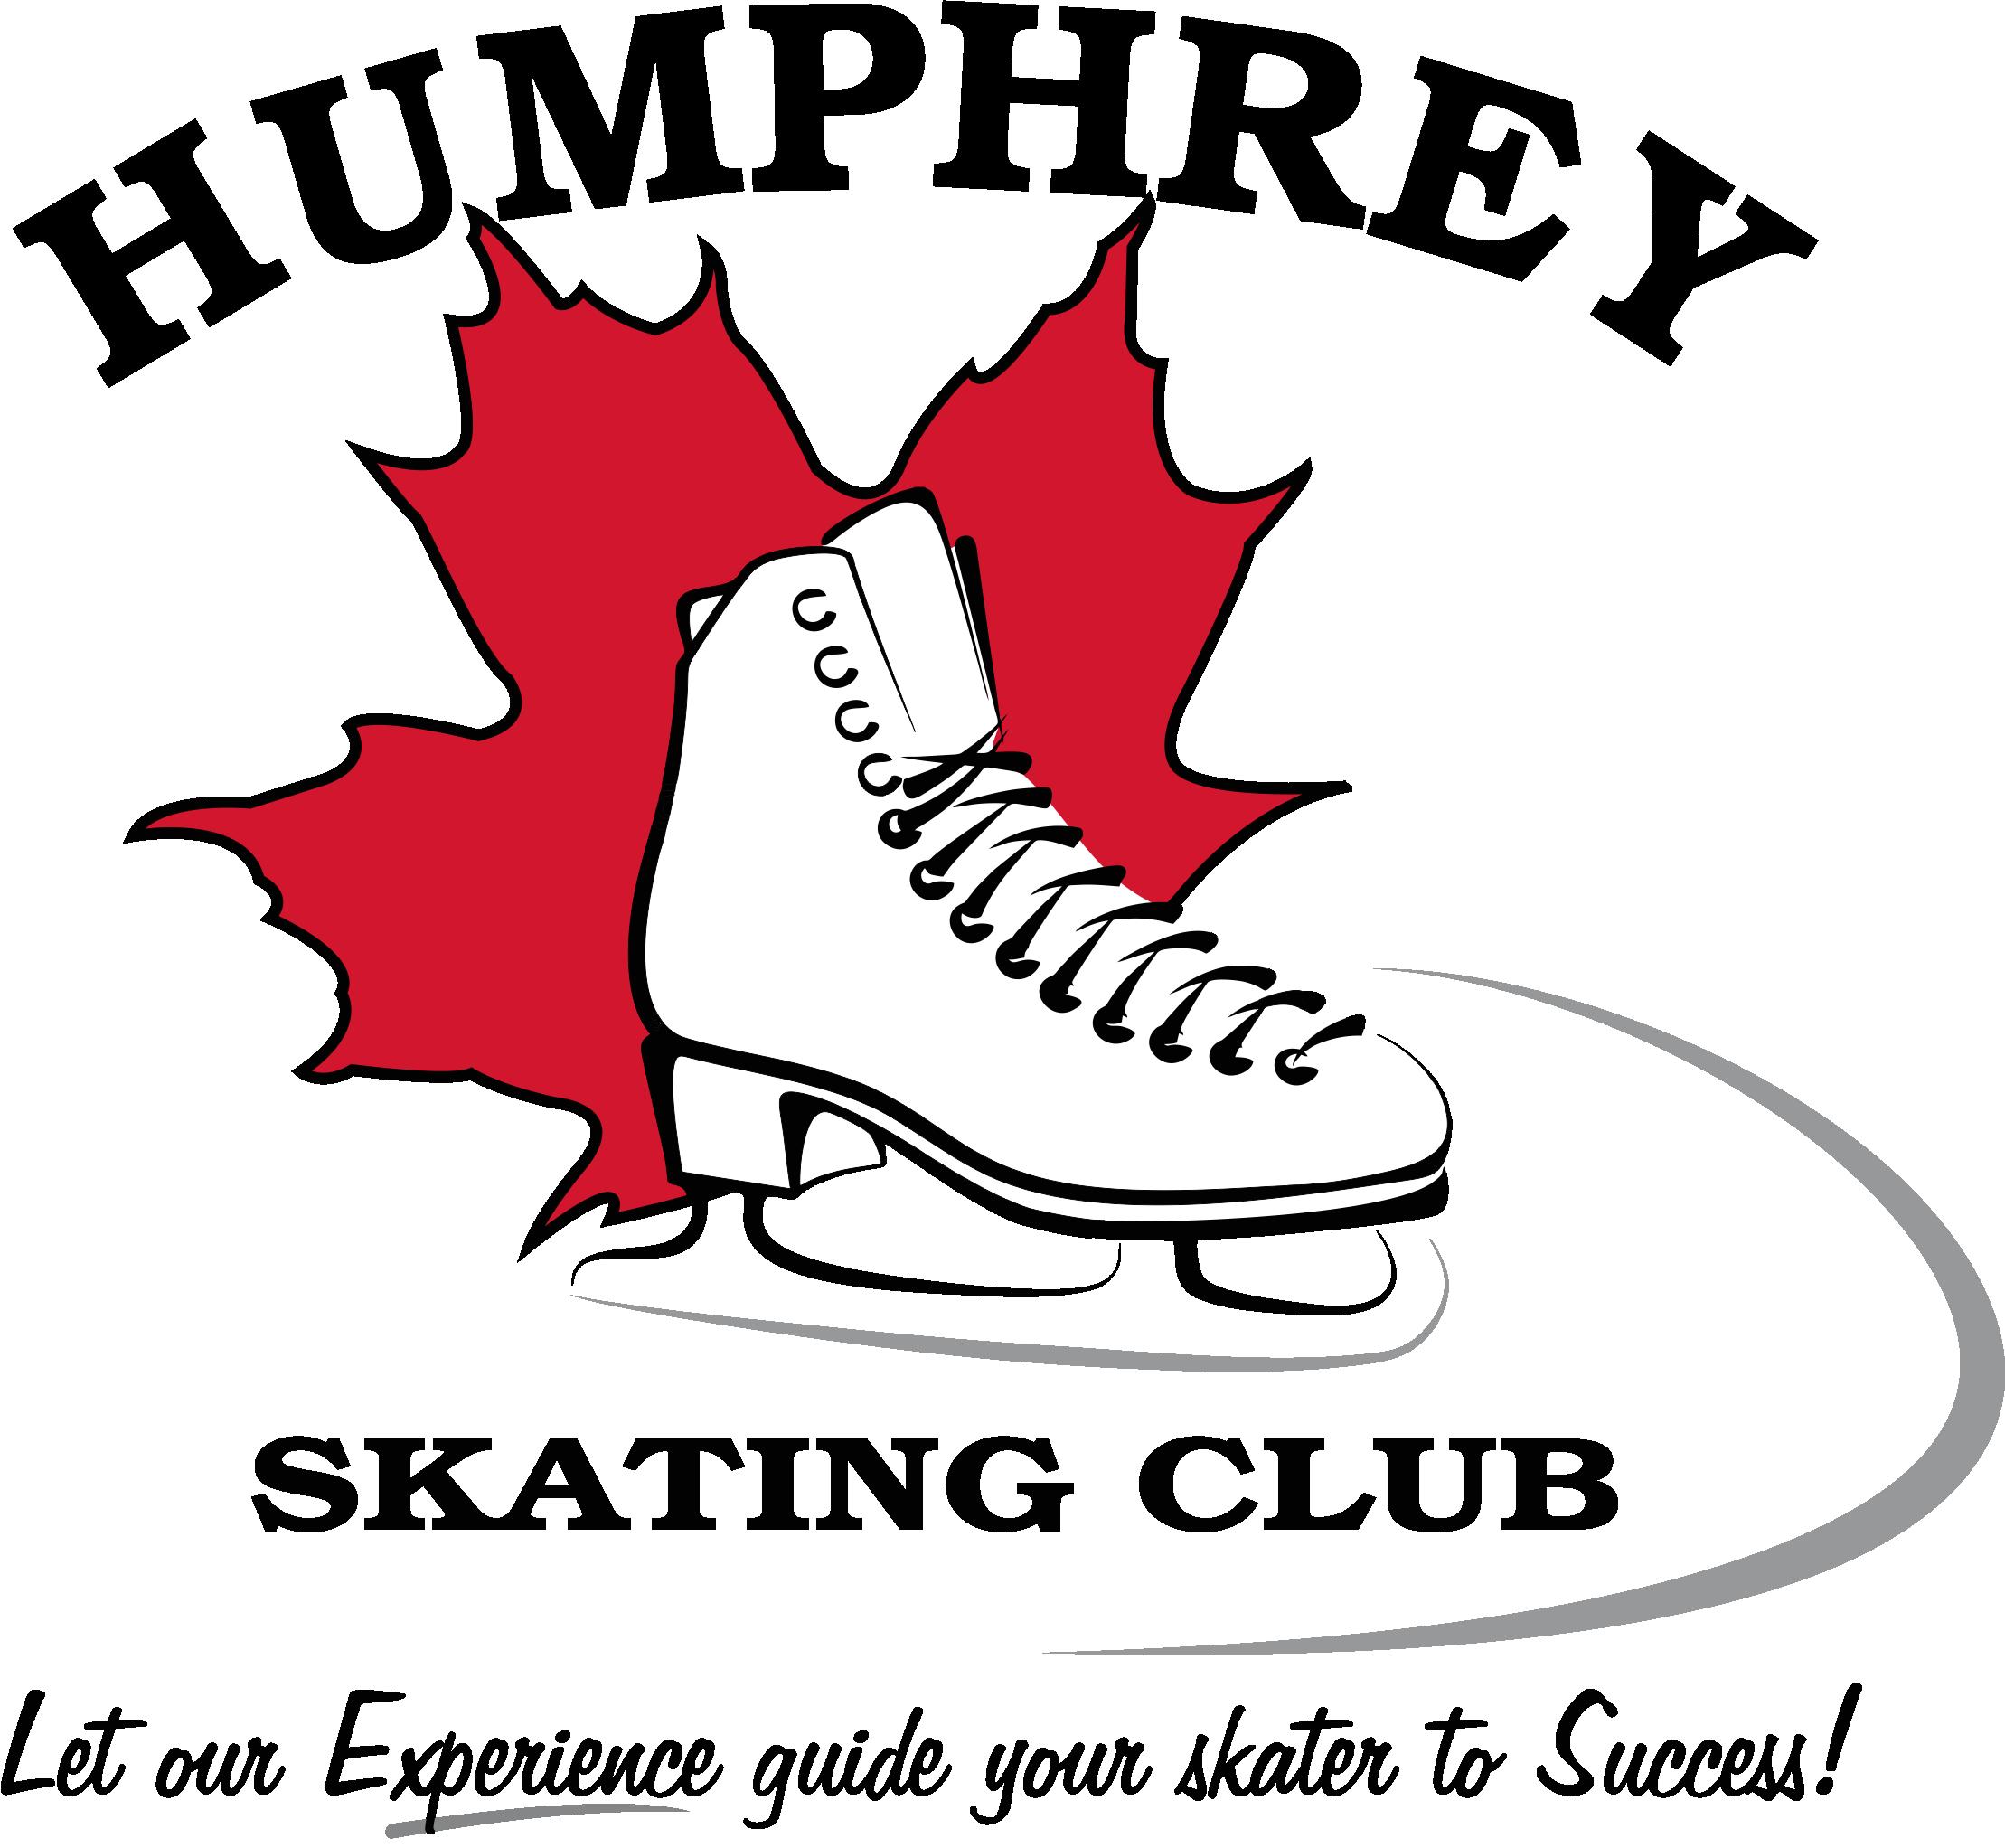 Humphrey Skating Club